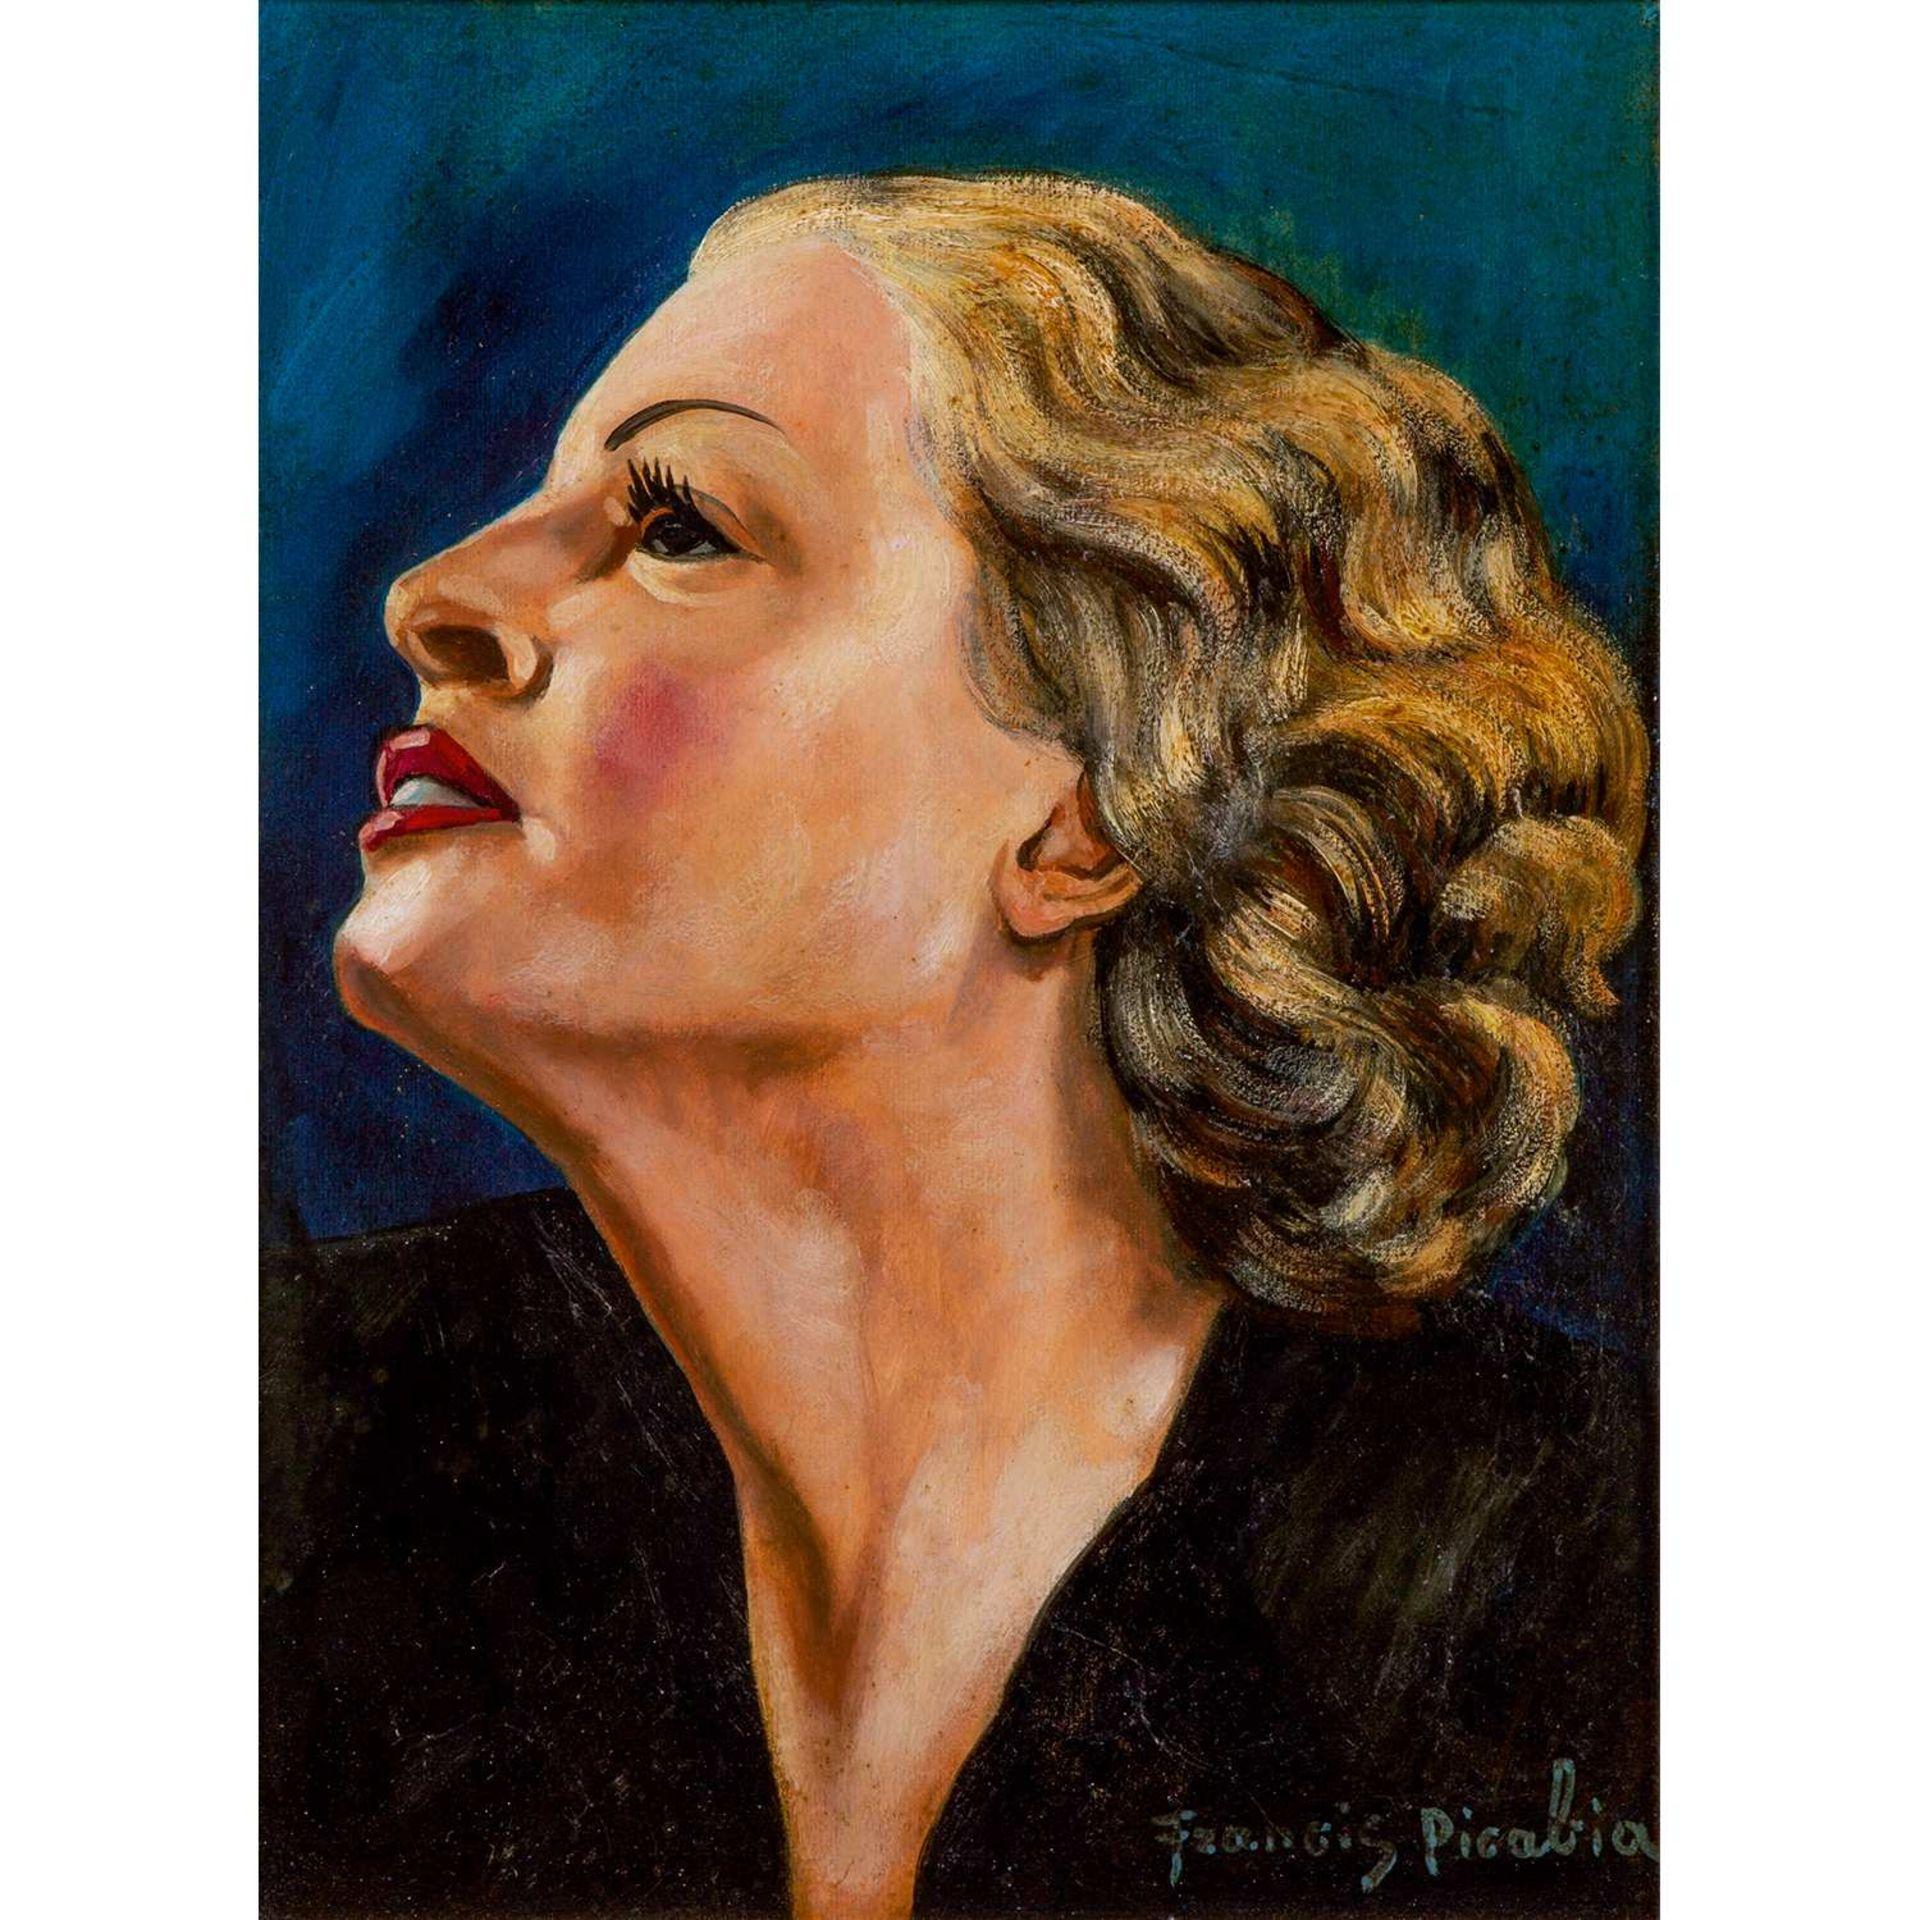 Los 23 - FRANCIS PICABIA (1879-1953) PROFIL DE FEMME BLONDE SUR FOND BLEU, VERS 1941-1942 Huile sur carton